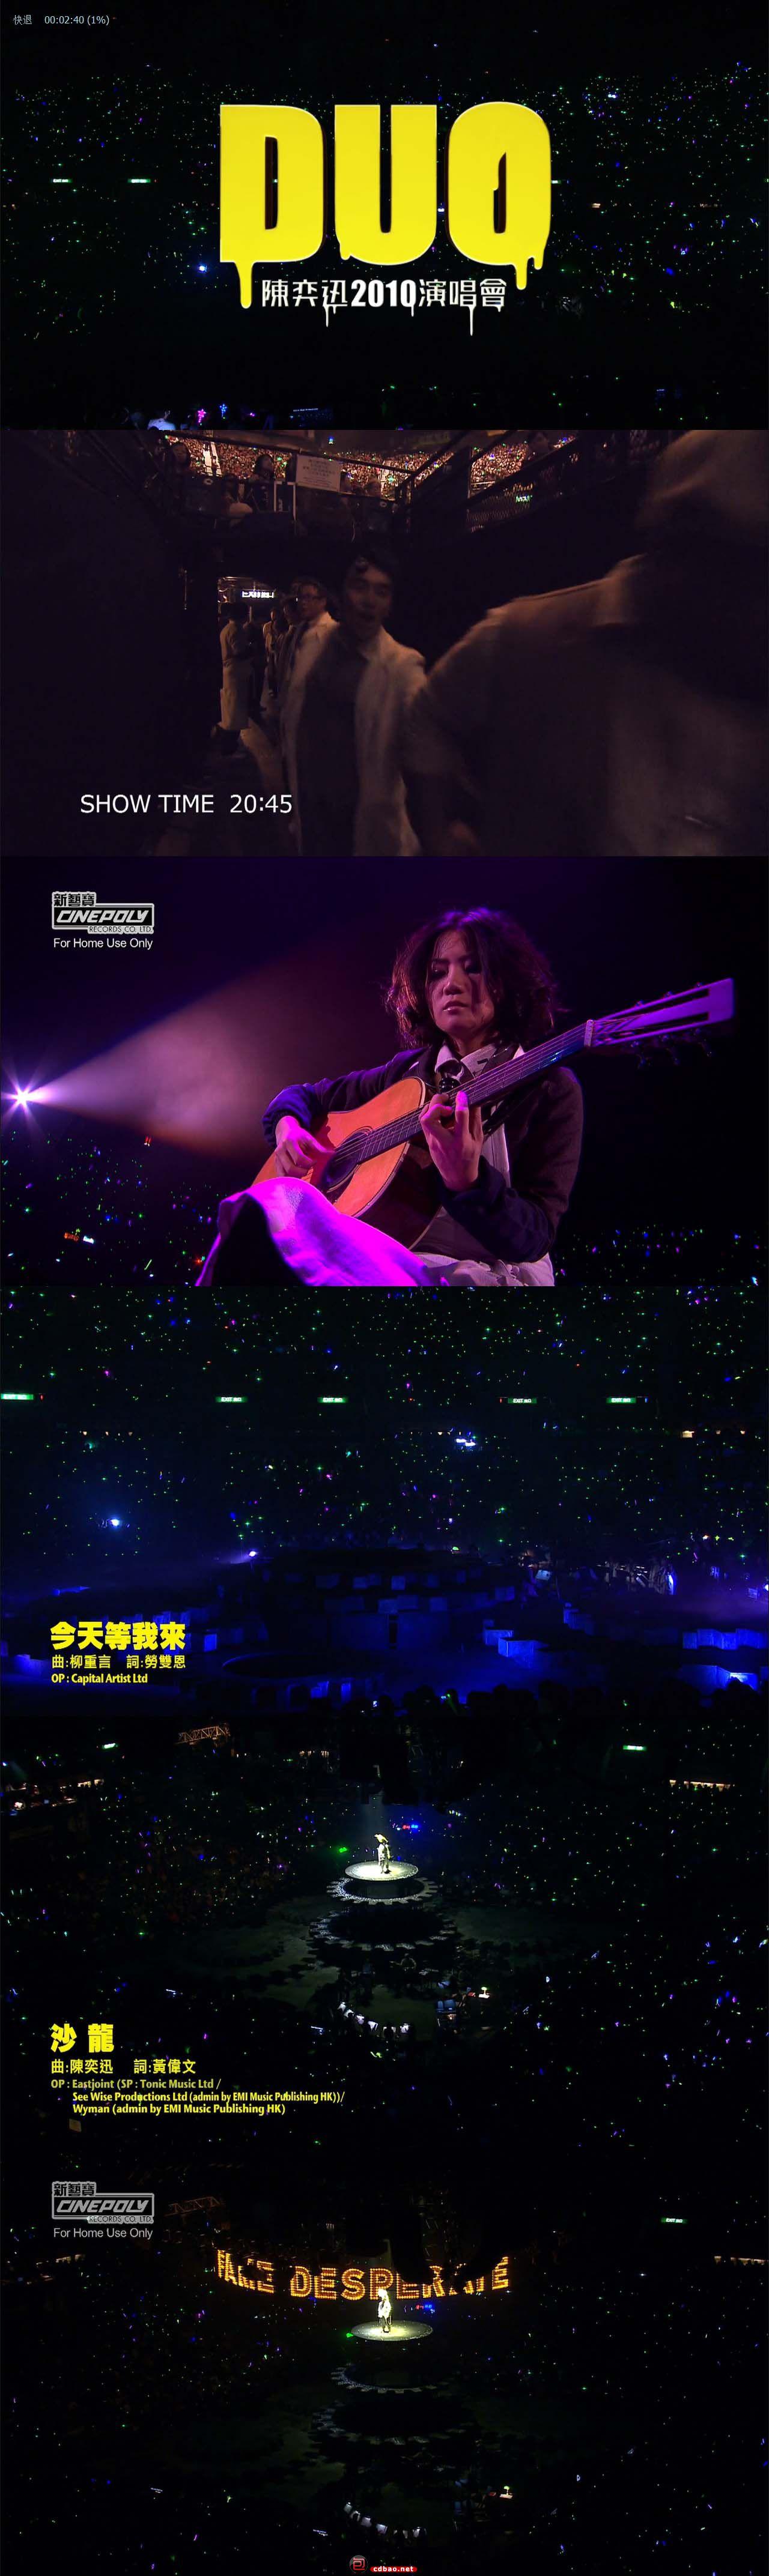 陈奕迅2010演唱会